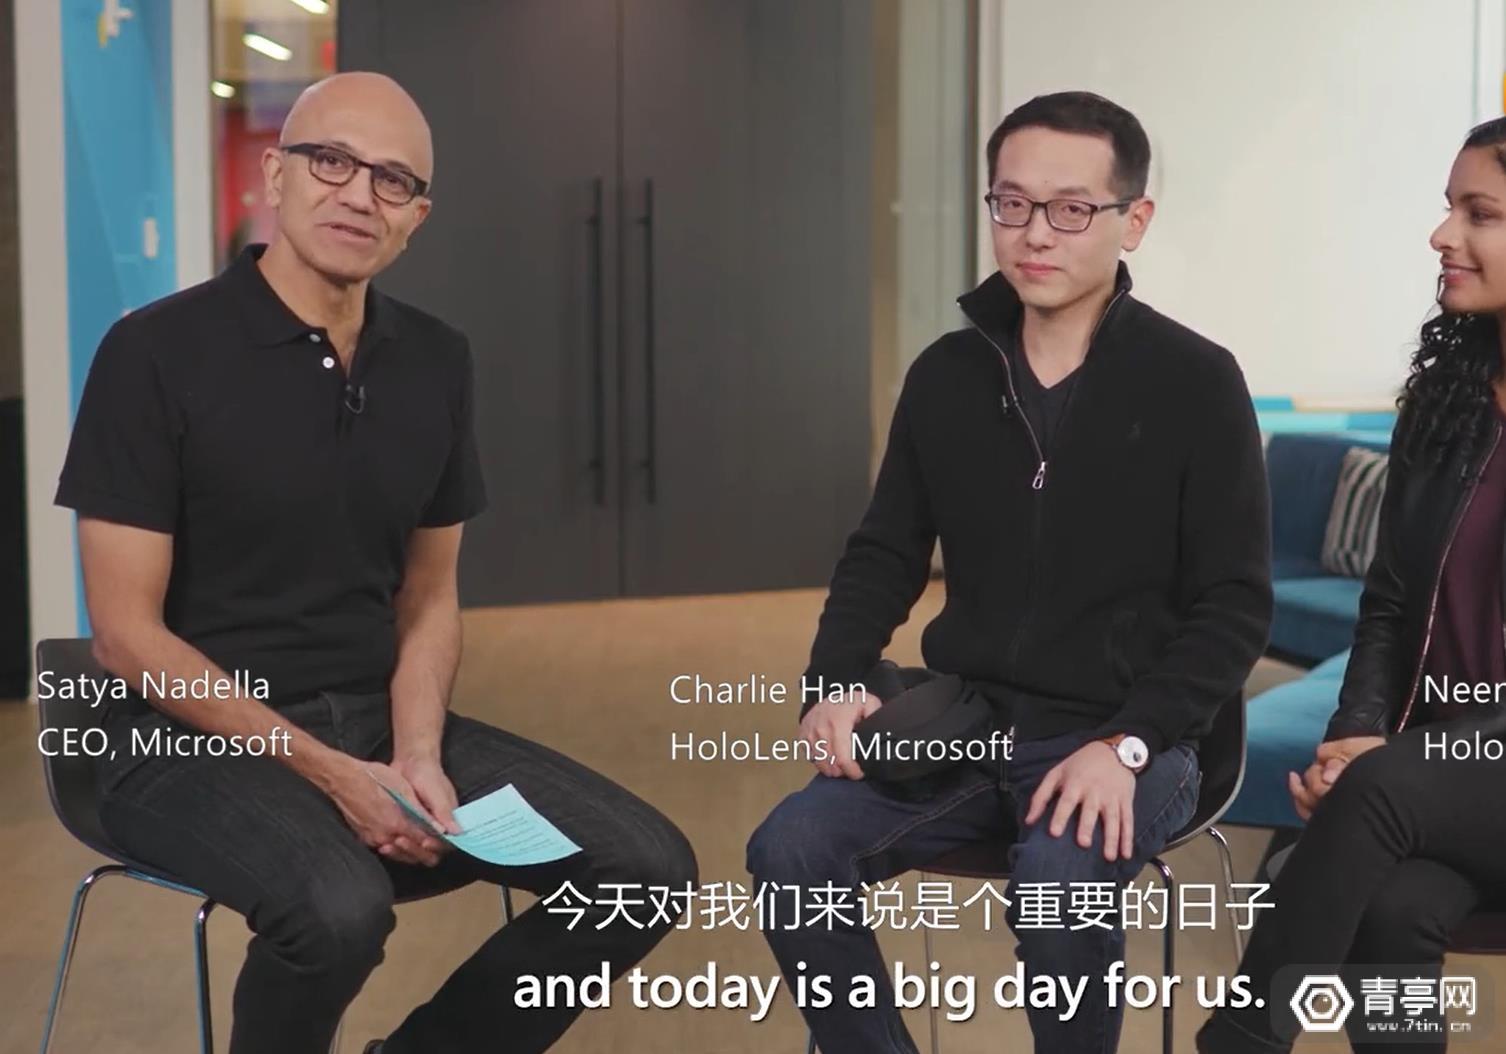 视频|微软CEO与团队畅谈混合现实